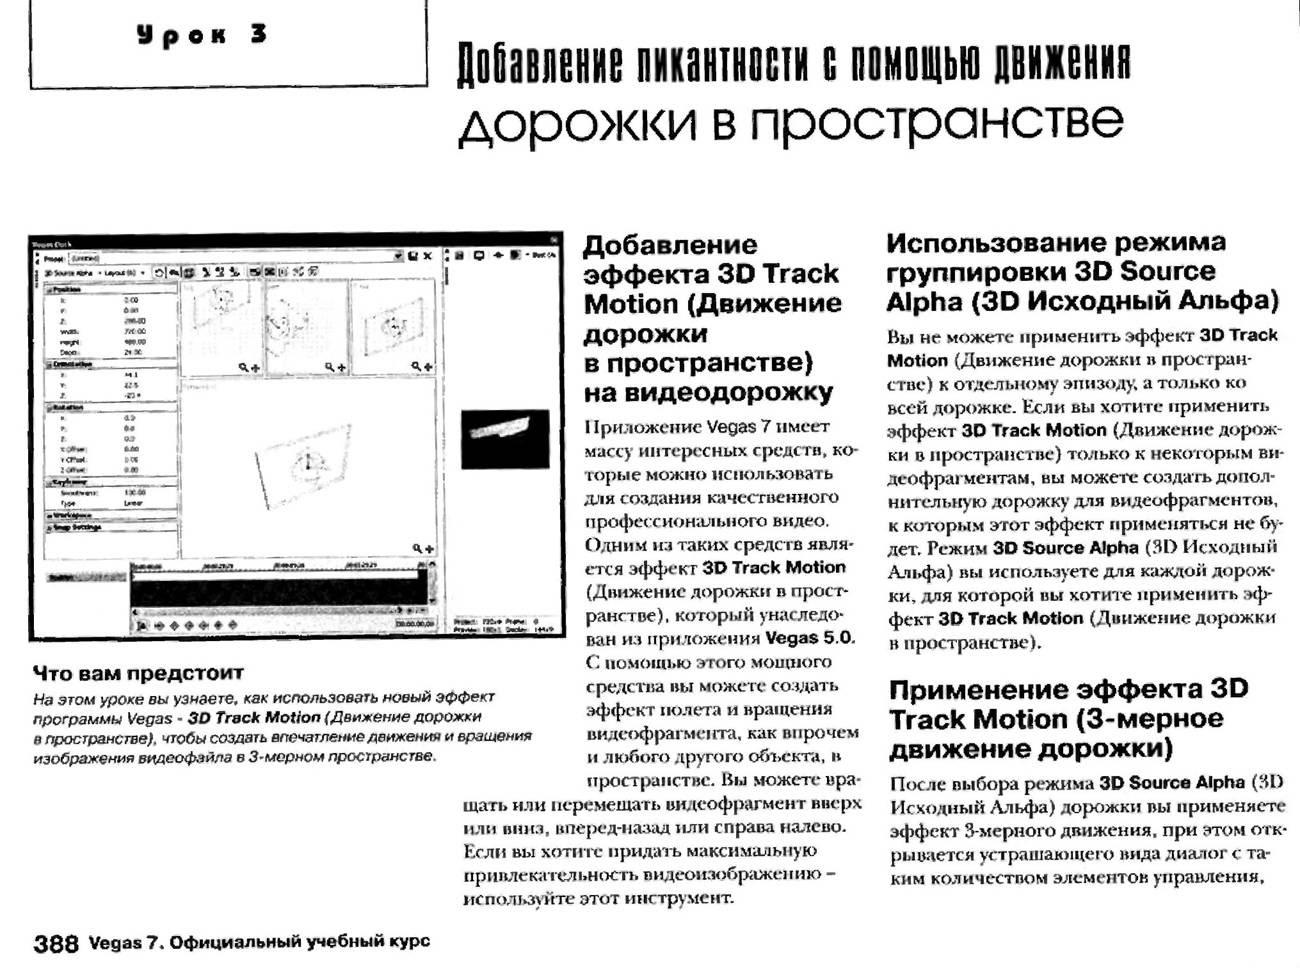 http://redaktori-uroki.3dn.ru/_ph/12/267117146.jpg